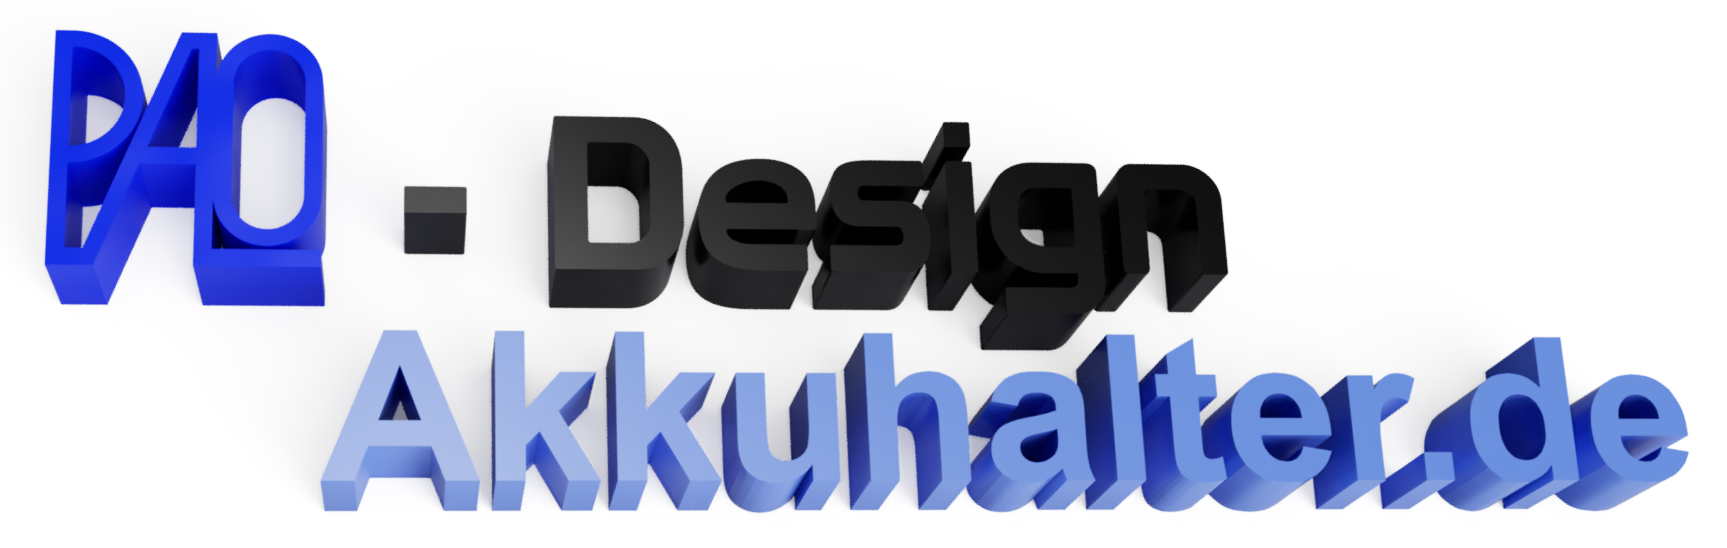 Akkuhalter und Adapter-Logo